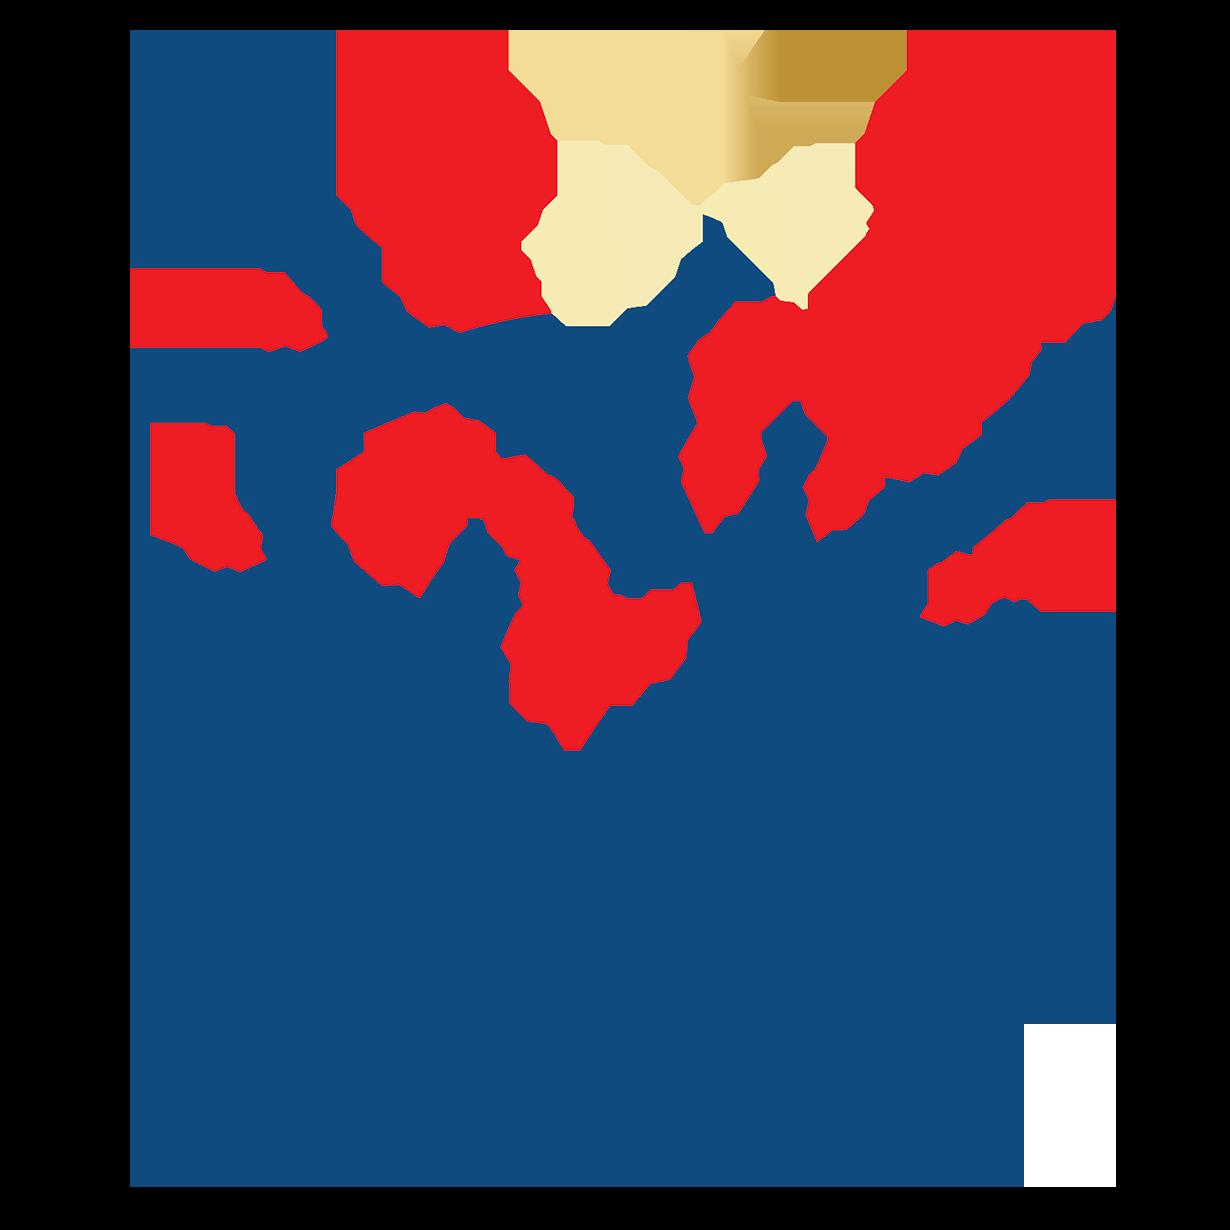 Phéri.org